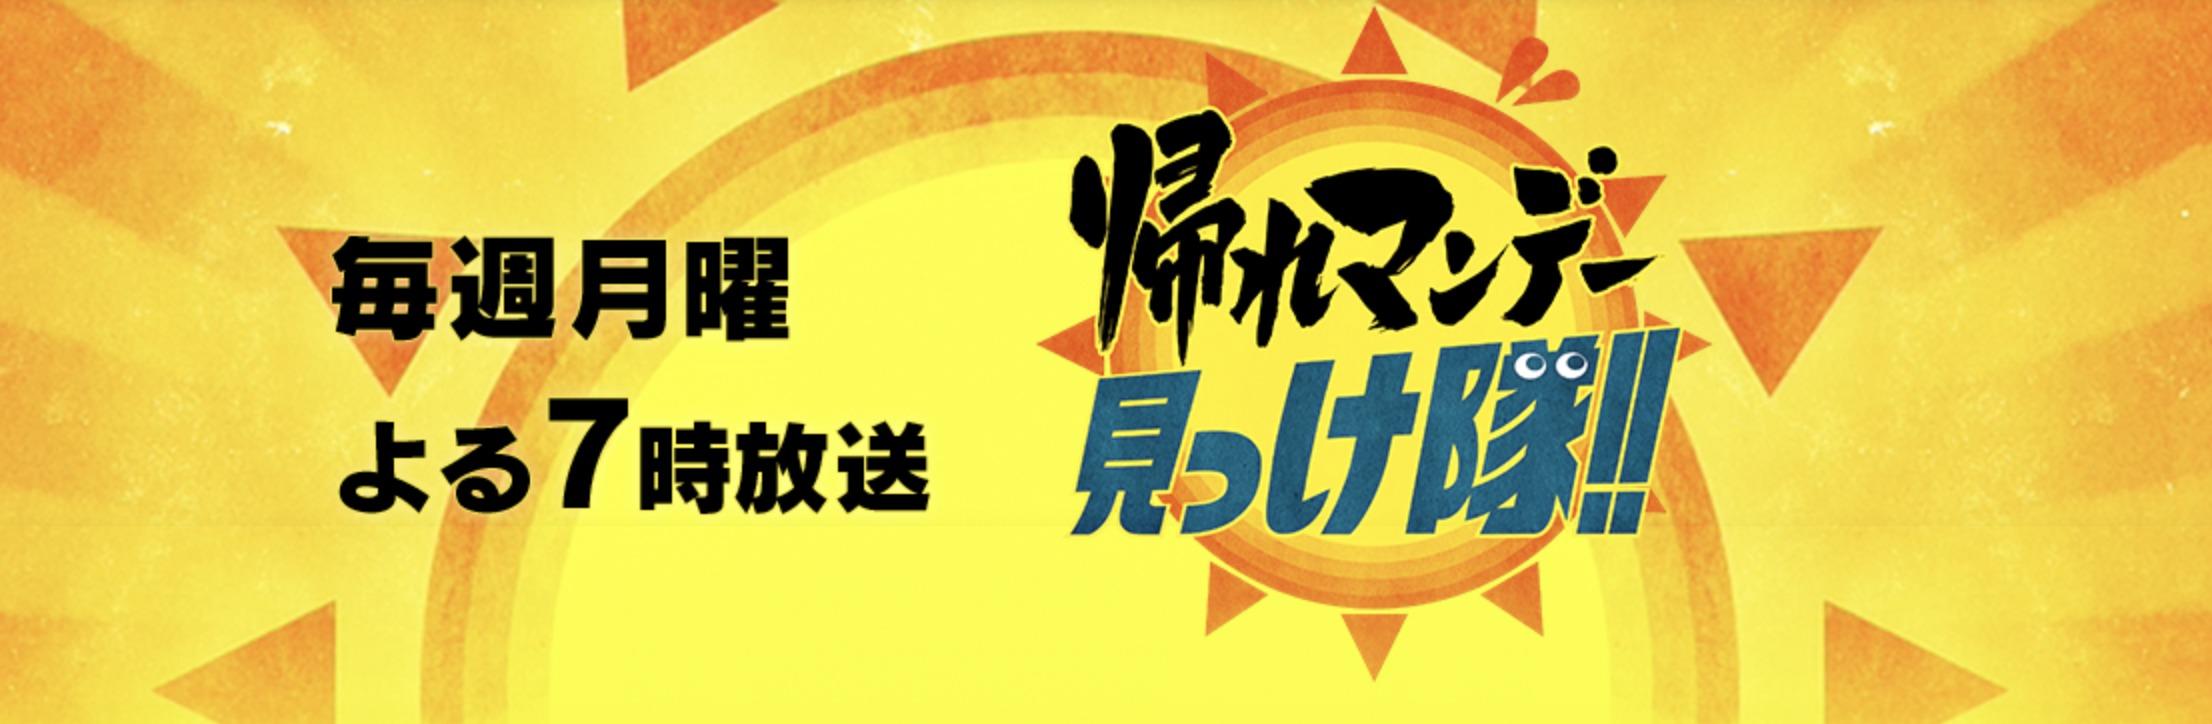 帰れマンデー見っけ隊!!(中居正広)の無料動画や見逃し配信をフル視聴する方法!